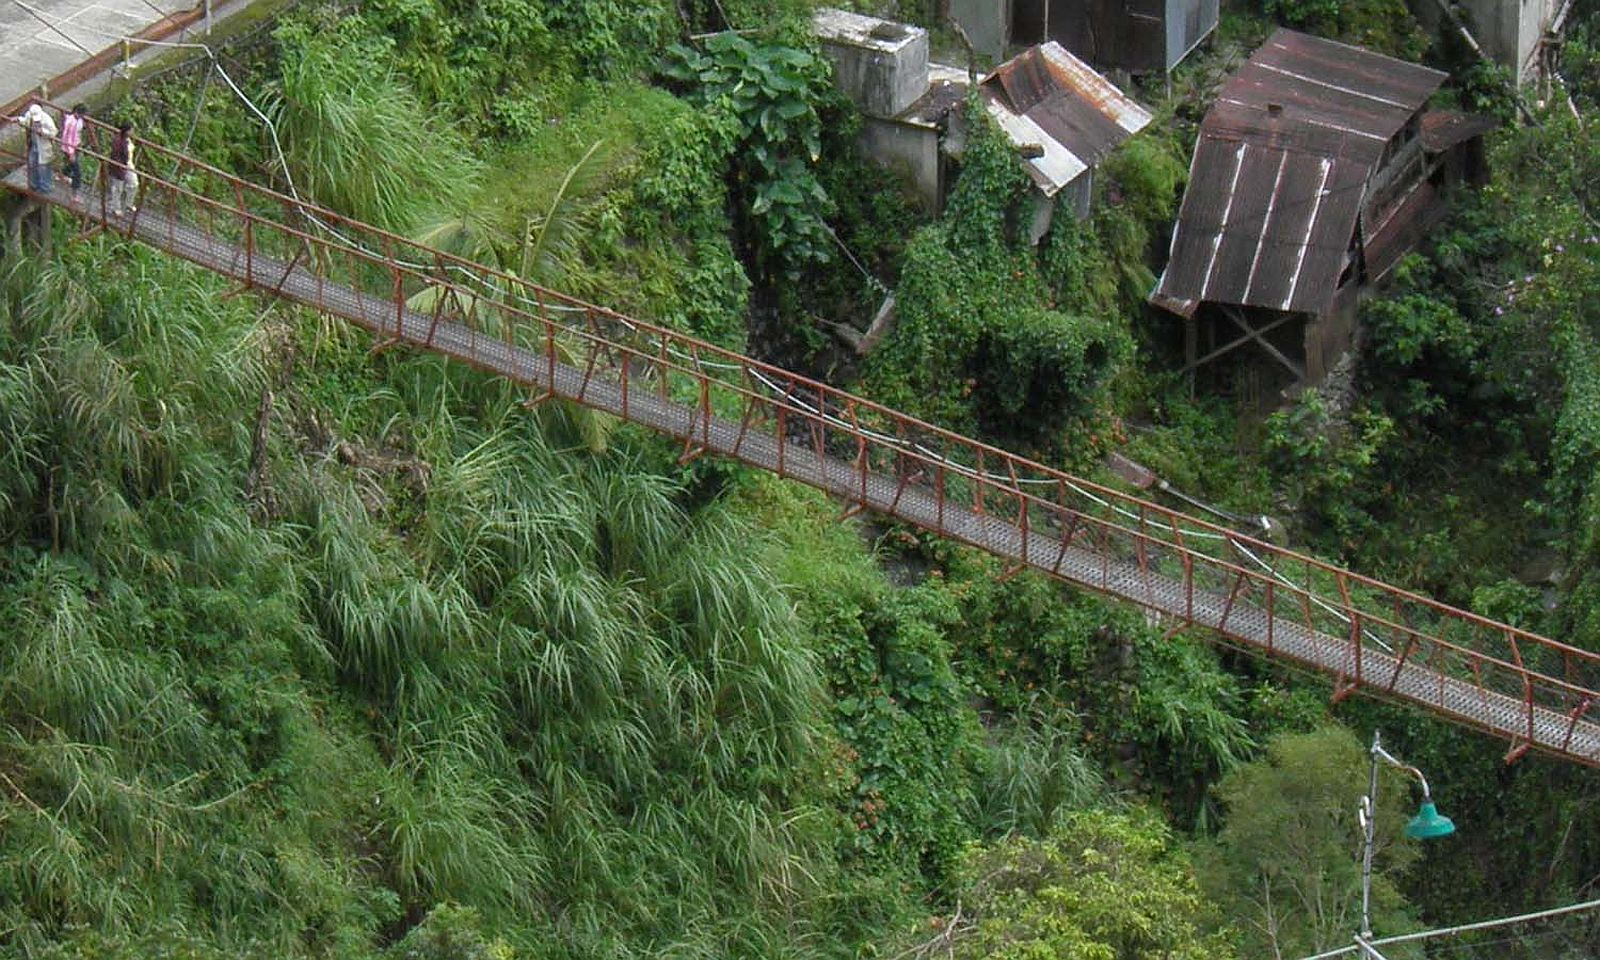 PHILIPPINEN REISEN - ORTE - NORTHERN LUZON - IFUGAO - Touristische Ortsbeschreibung für Banaue